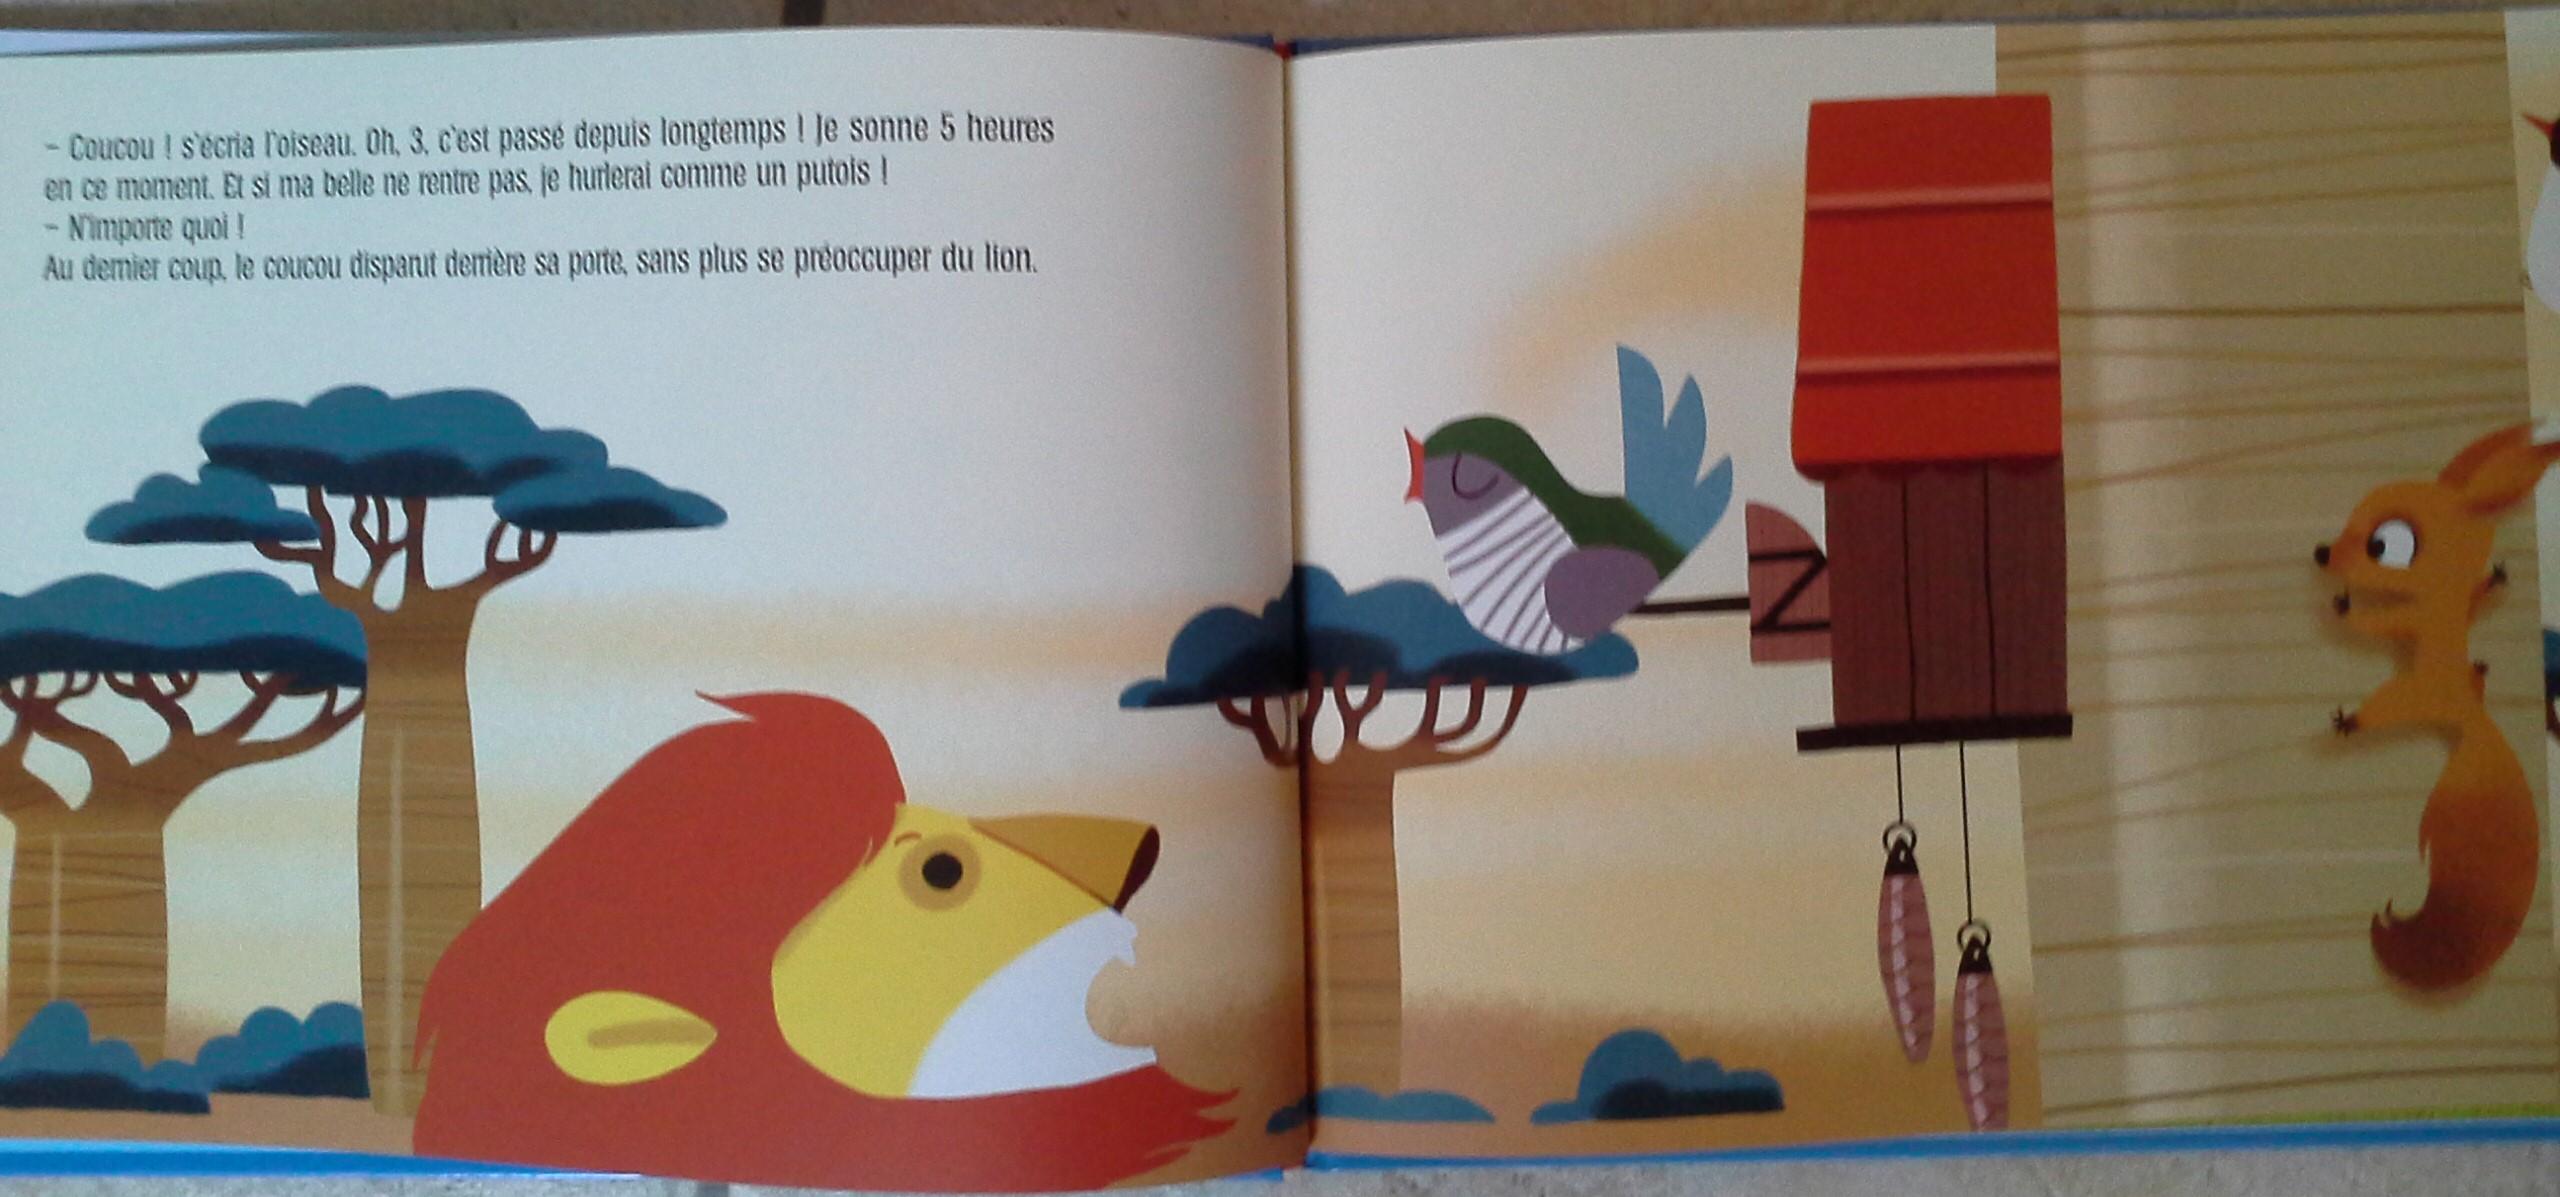 Les Lectures De Sanléane Le Lion Qui Ne Savait Pas Compter